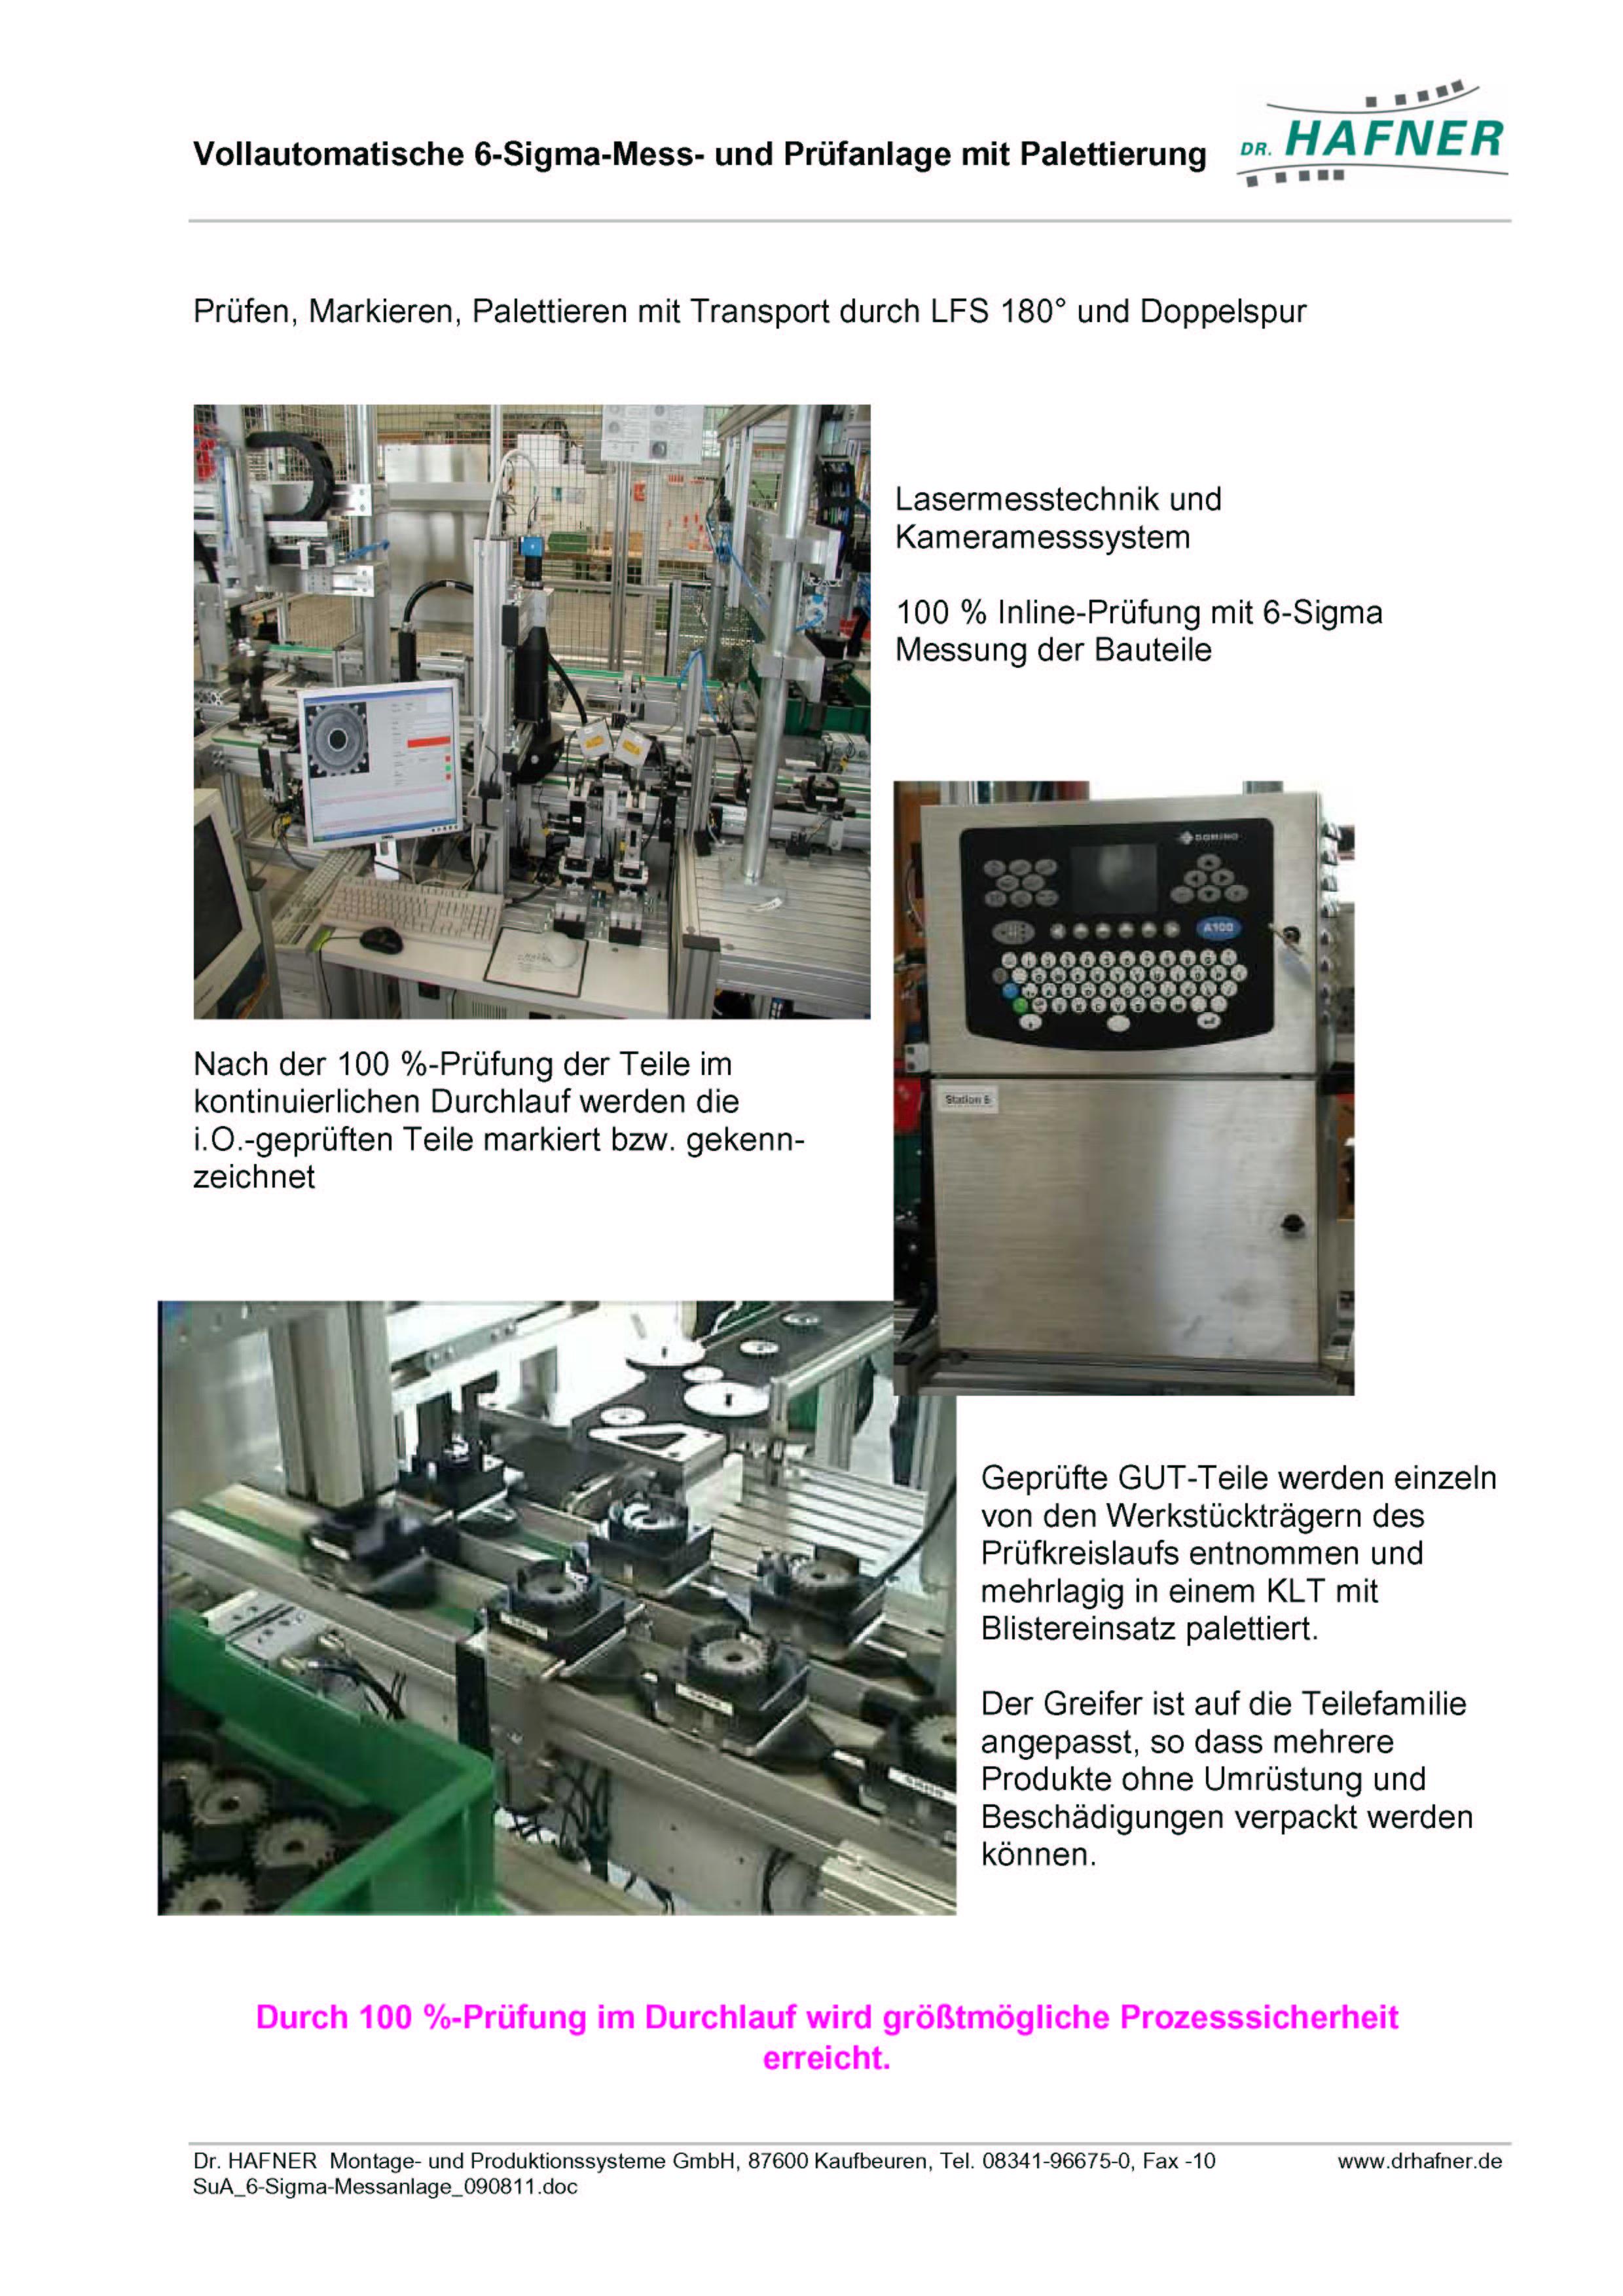 Dr. HAFNER_PKWP_63 6-Sigma Messen Prüfen Verpacken Anlage Automat